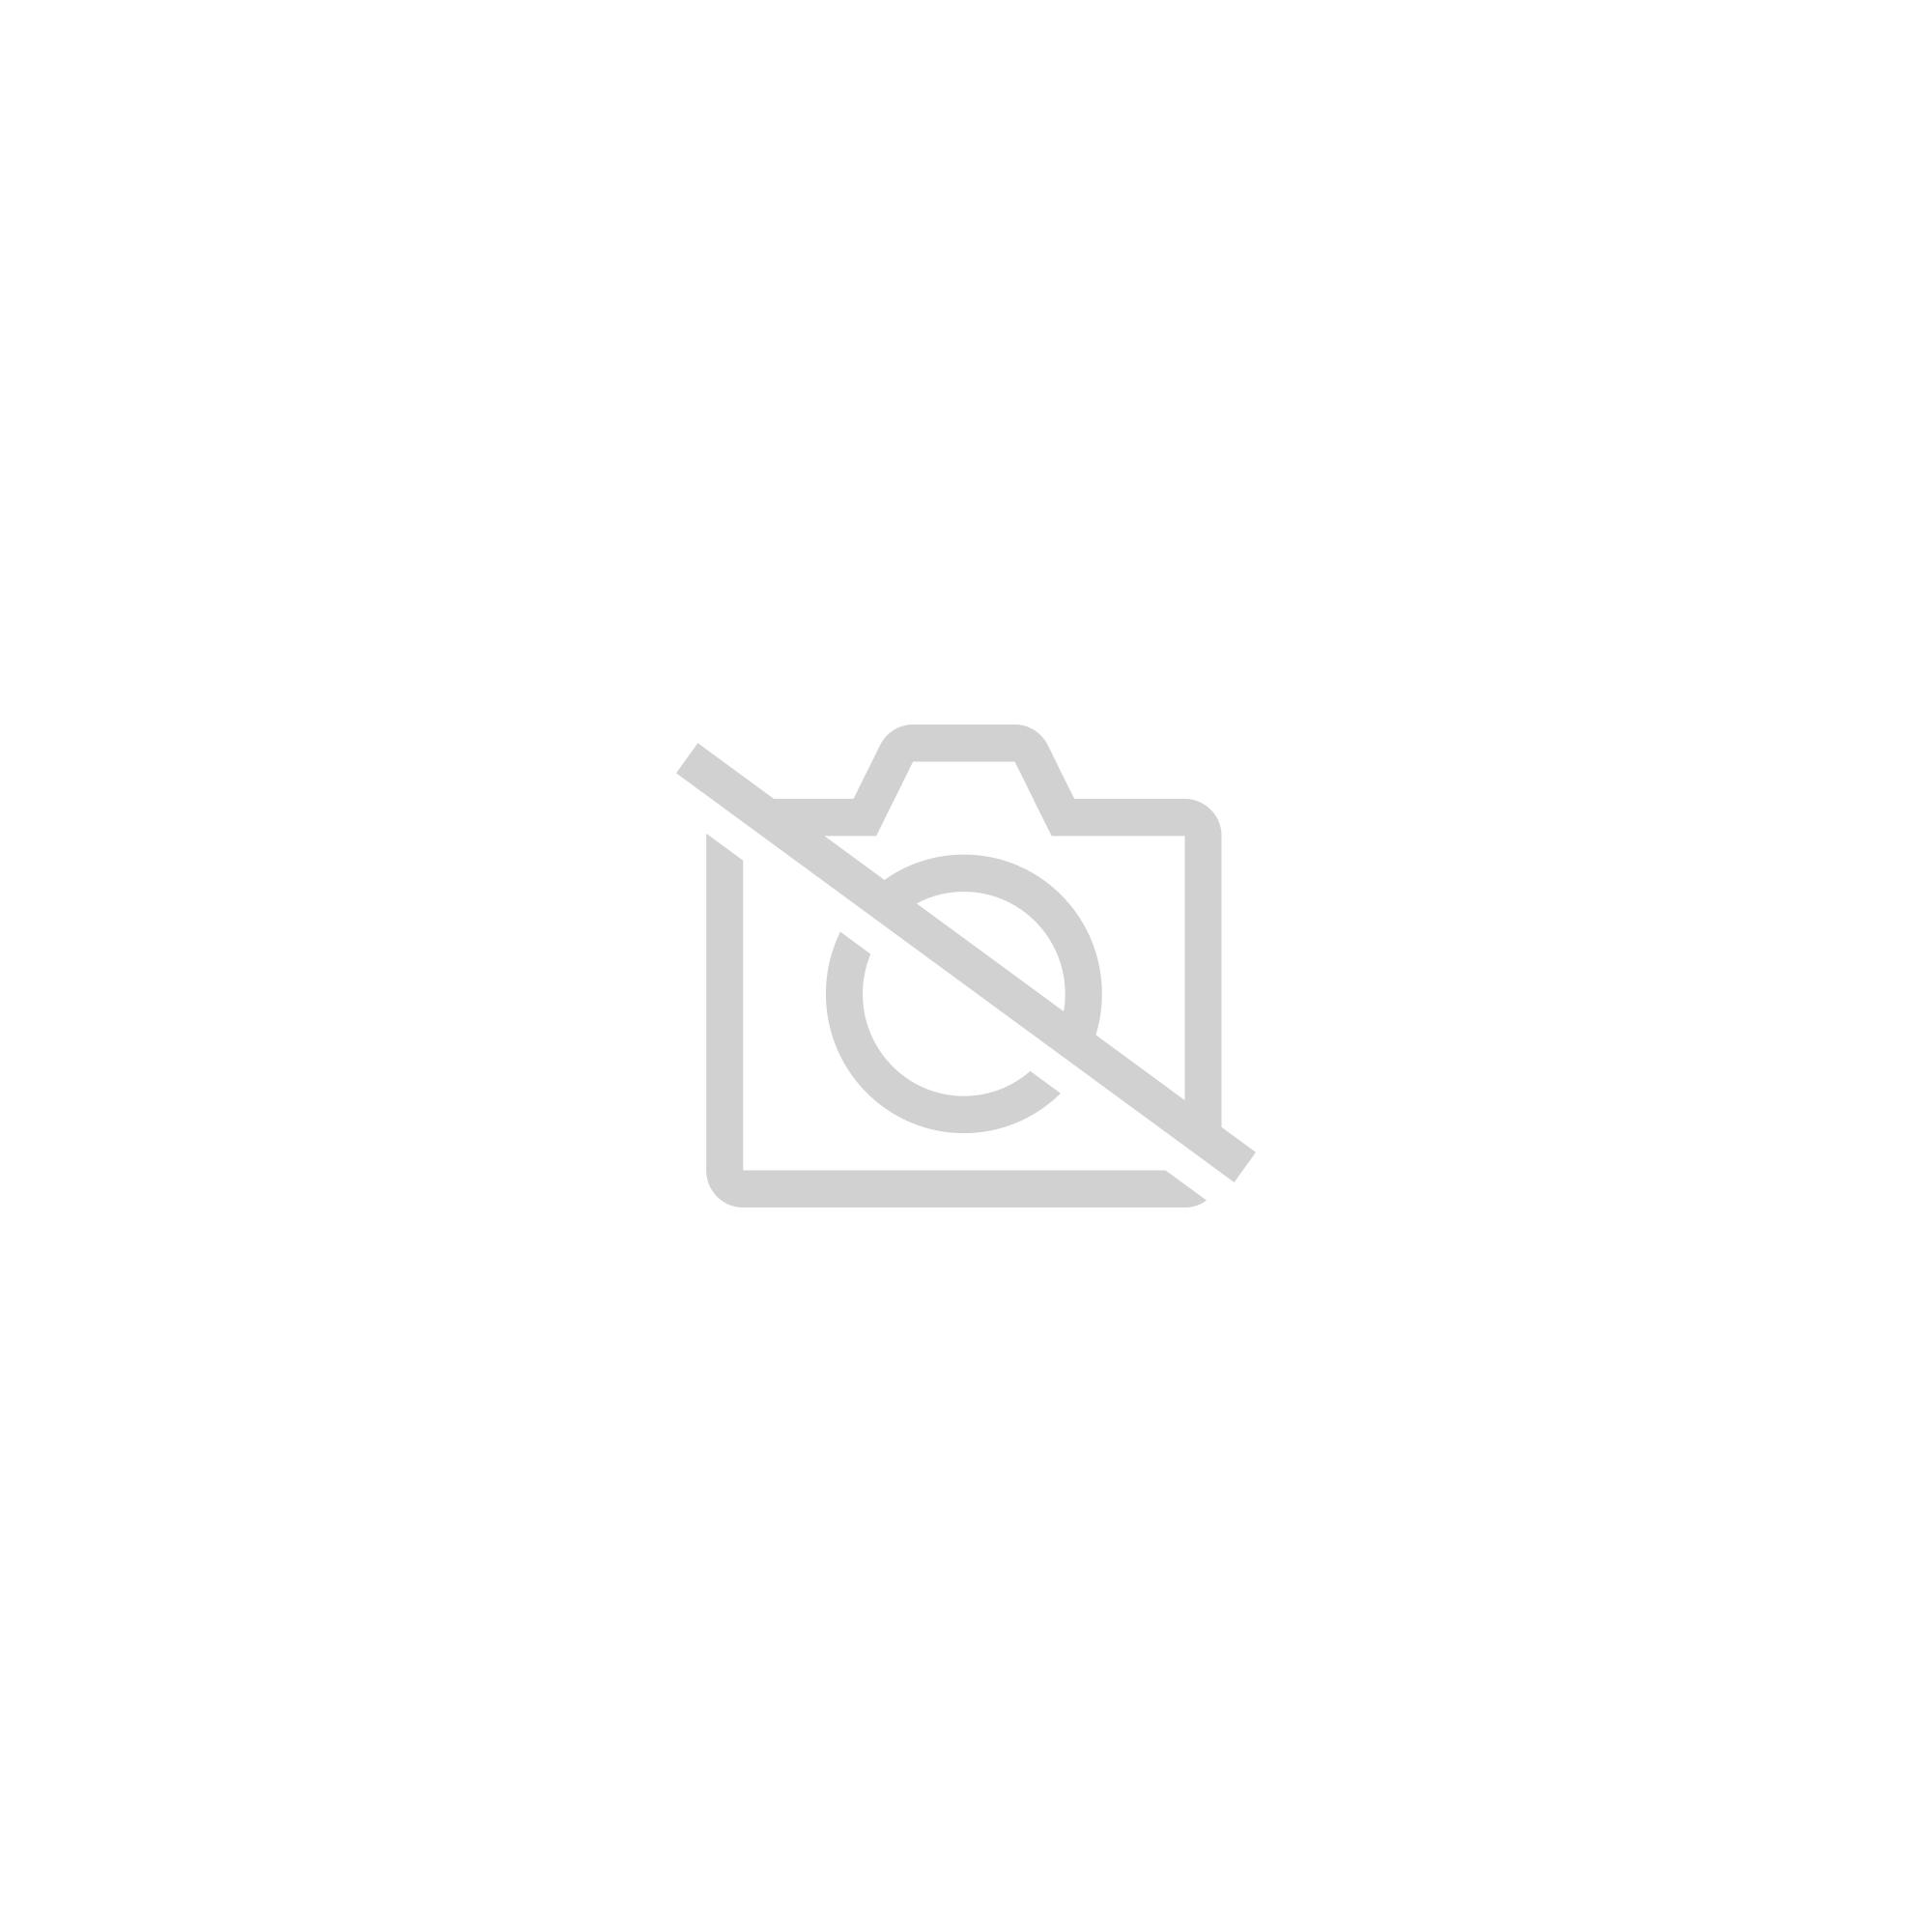 Haut Parleur PC,Mini Barre de Son Portable Haut-Parleur aliment/é par USB pour Ordinateur de Bureau Ordinateur Portable PC Windows Haut-Parleur dordinateur